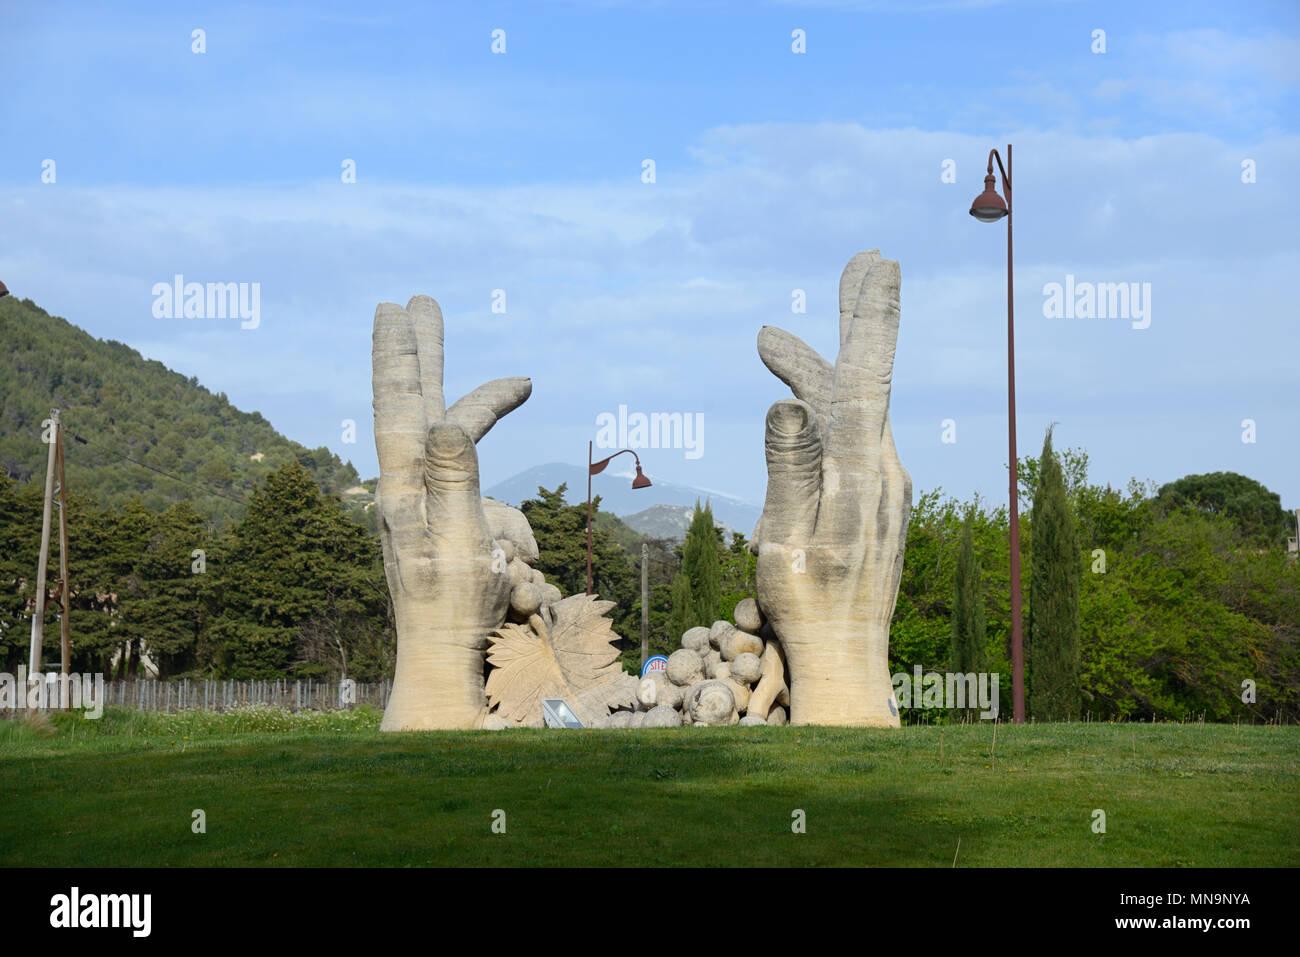 Sculpture main de vendangeurs sur rond-point à l'extérieur Winery de Beaumes de Venise Vaucluse provence france Photo Stock